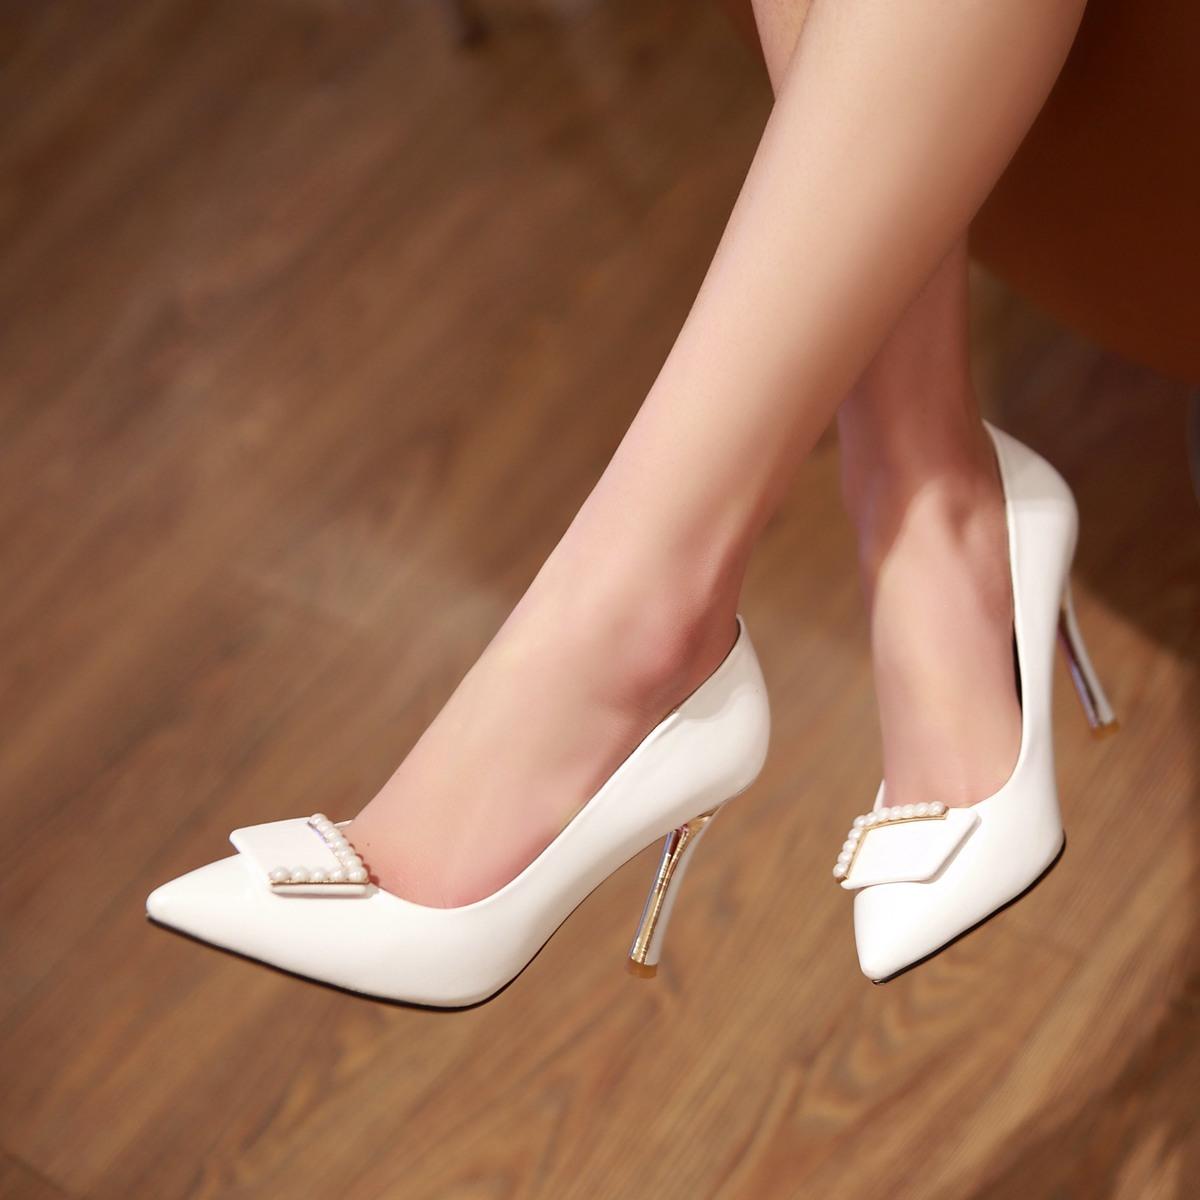 奥卡索星空代购奥古斯都女鞋正品2015春装专柜冰洁仙妮特单鞋森达